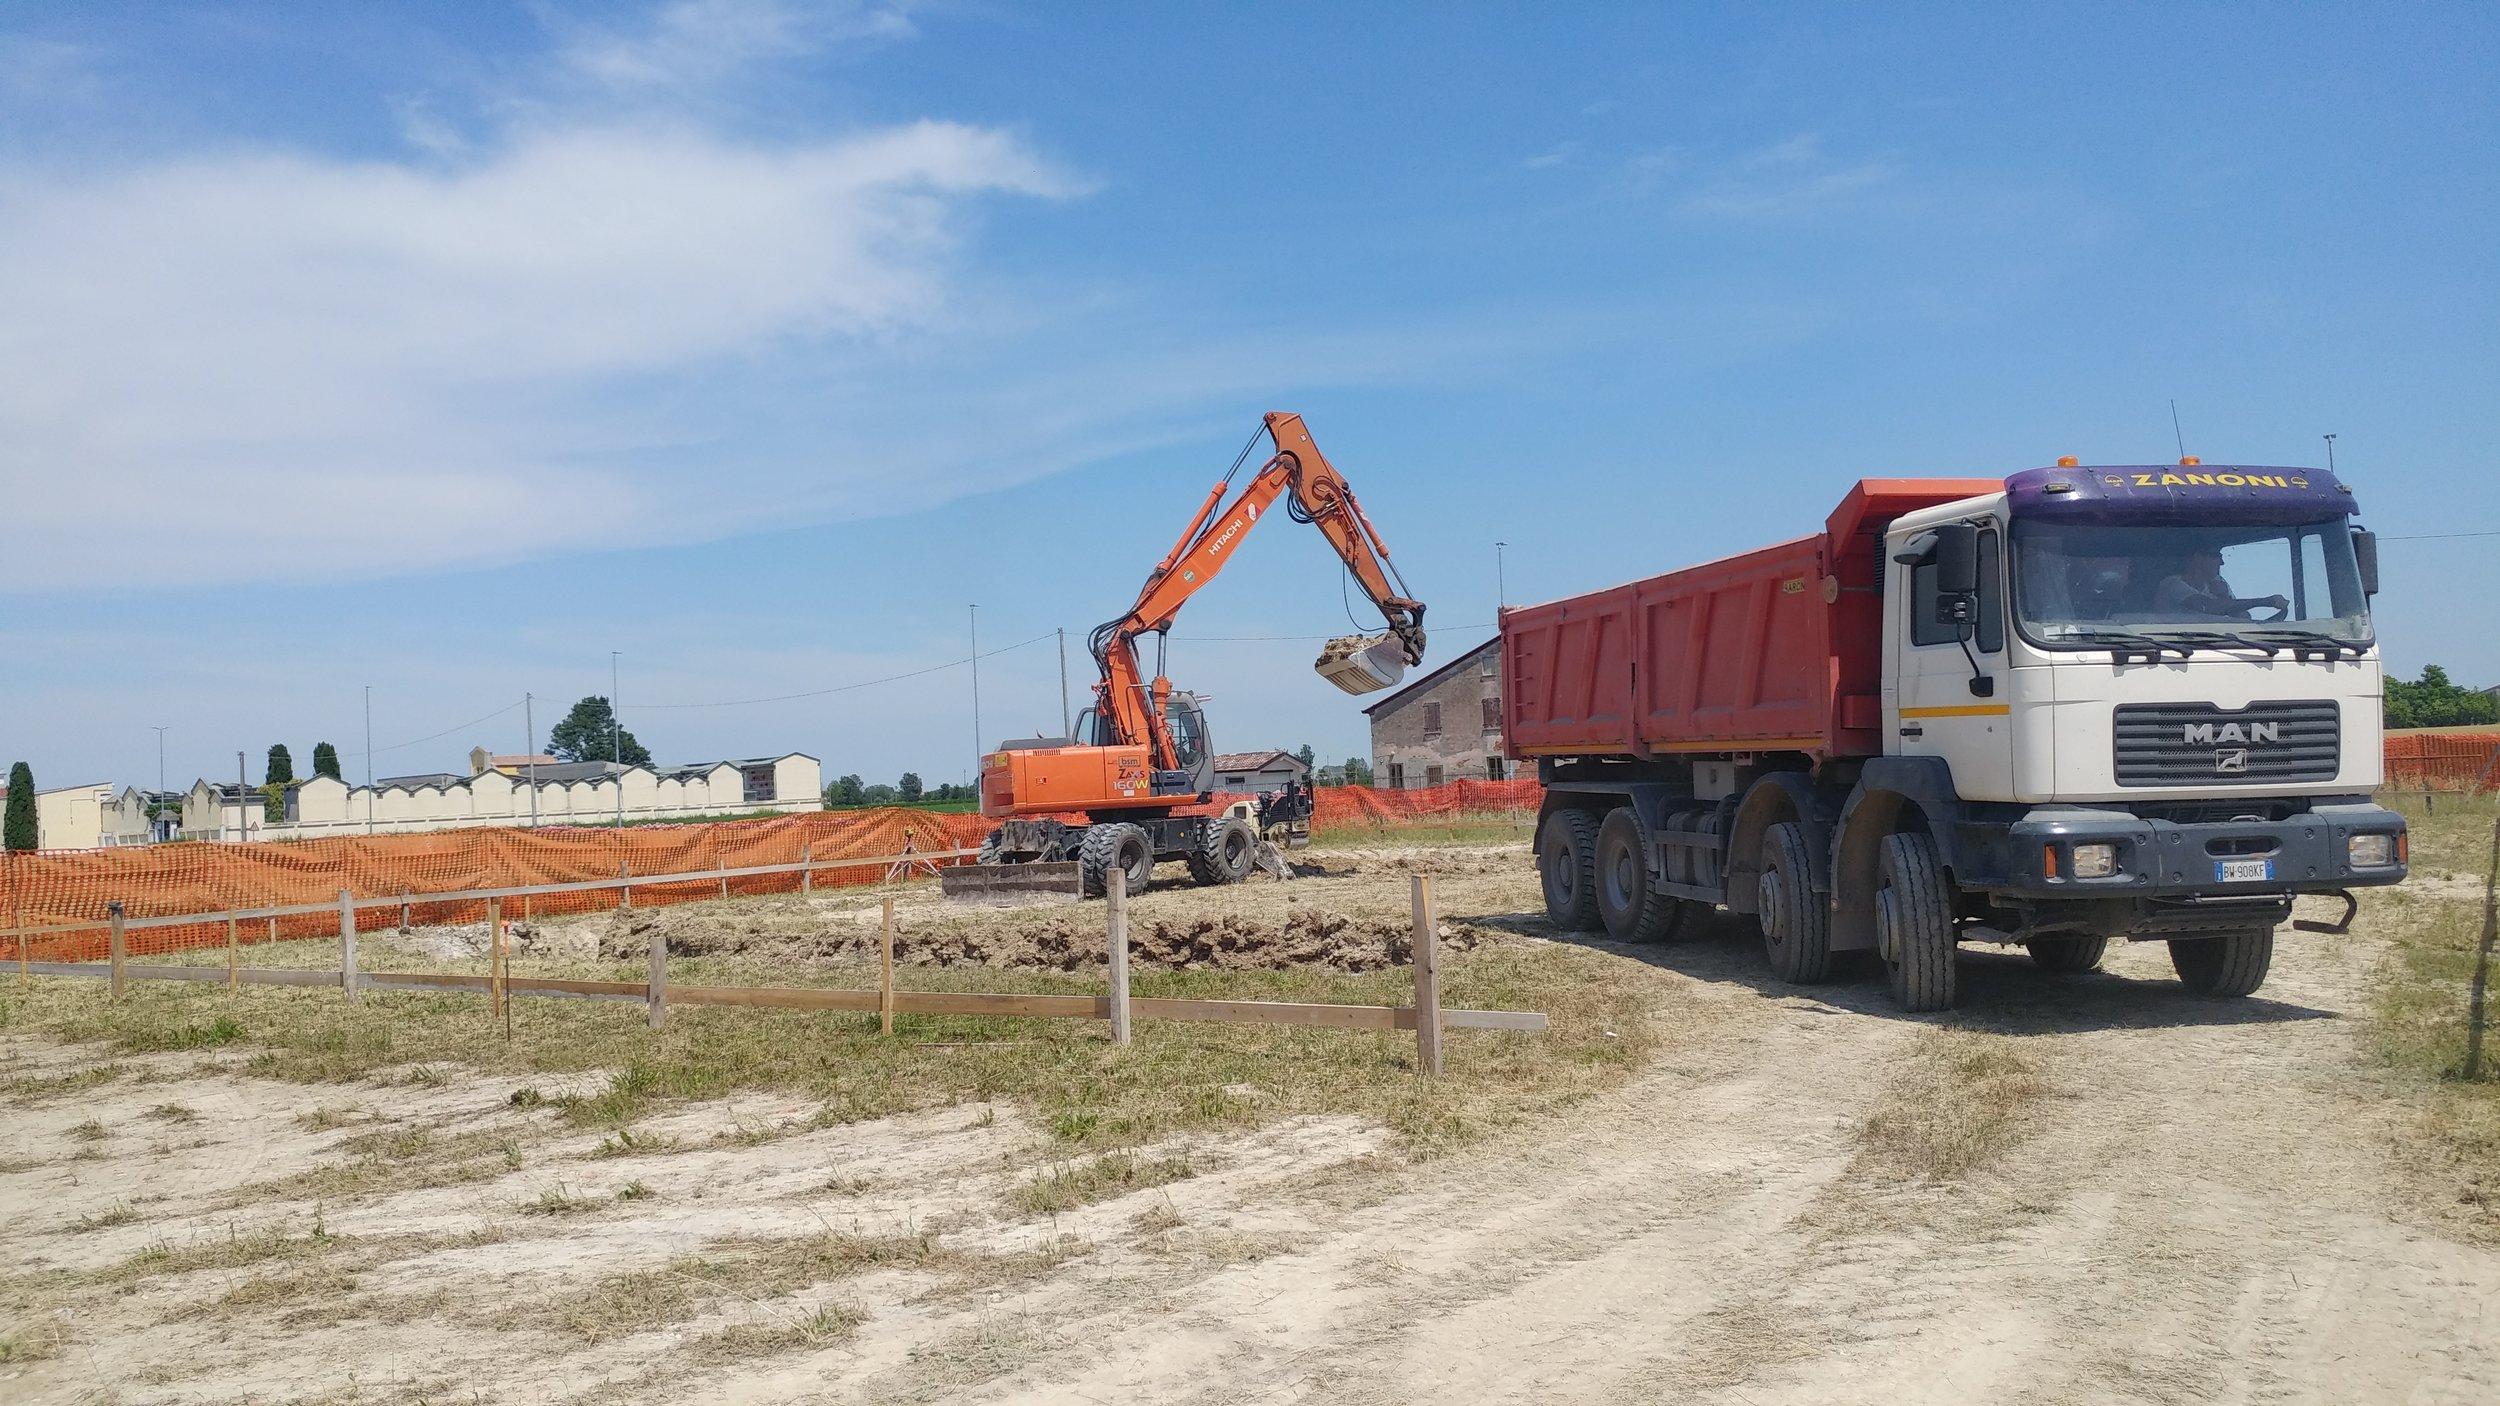 Lo scavo di fondazione in corso